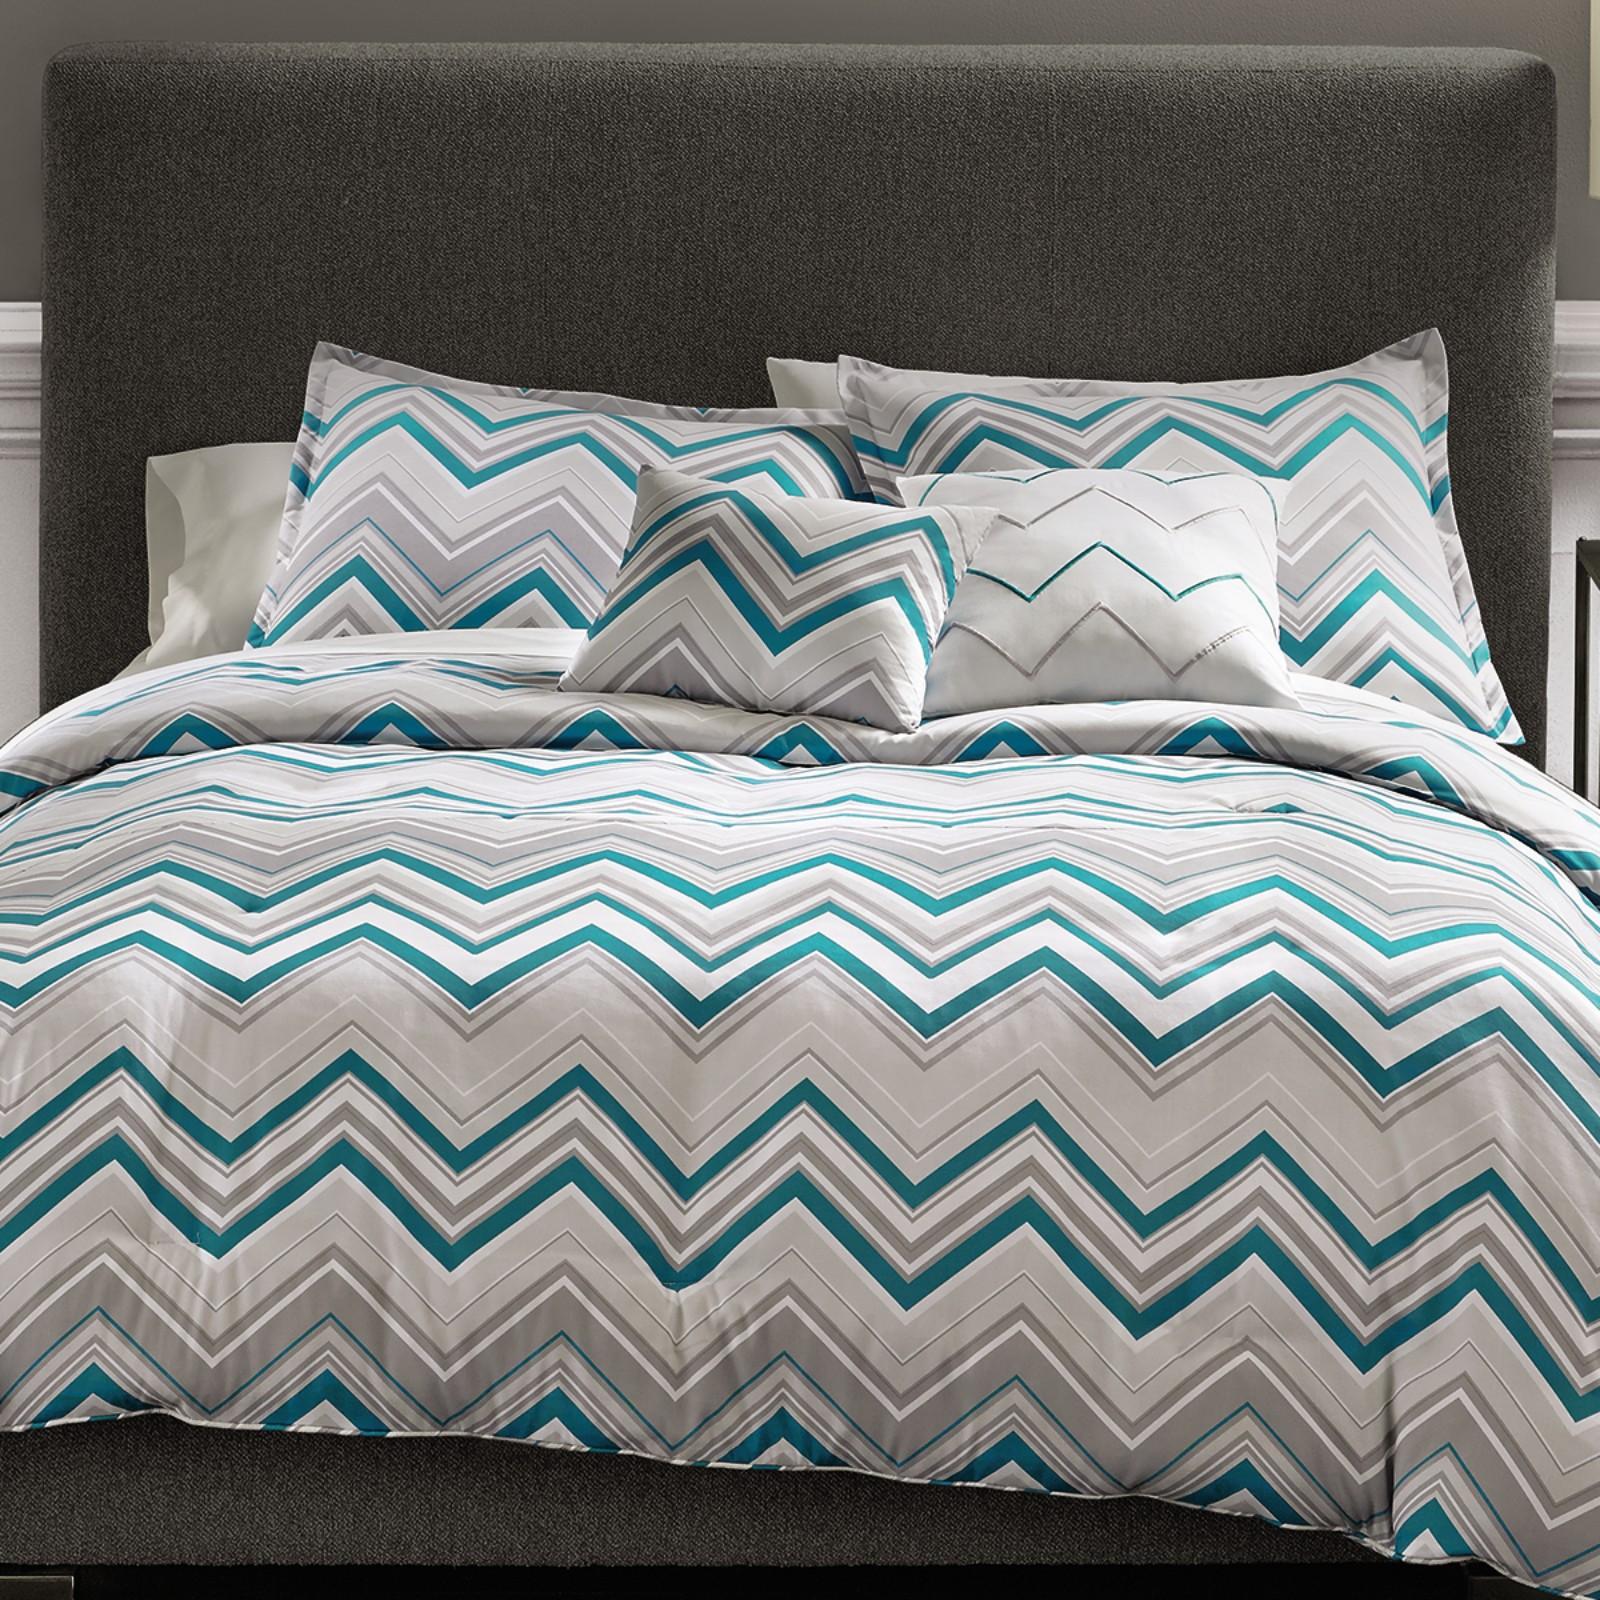 5-Piece Metaphor True Chevron Bed Set Grey/Teal